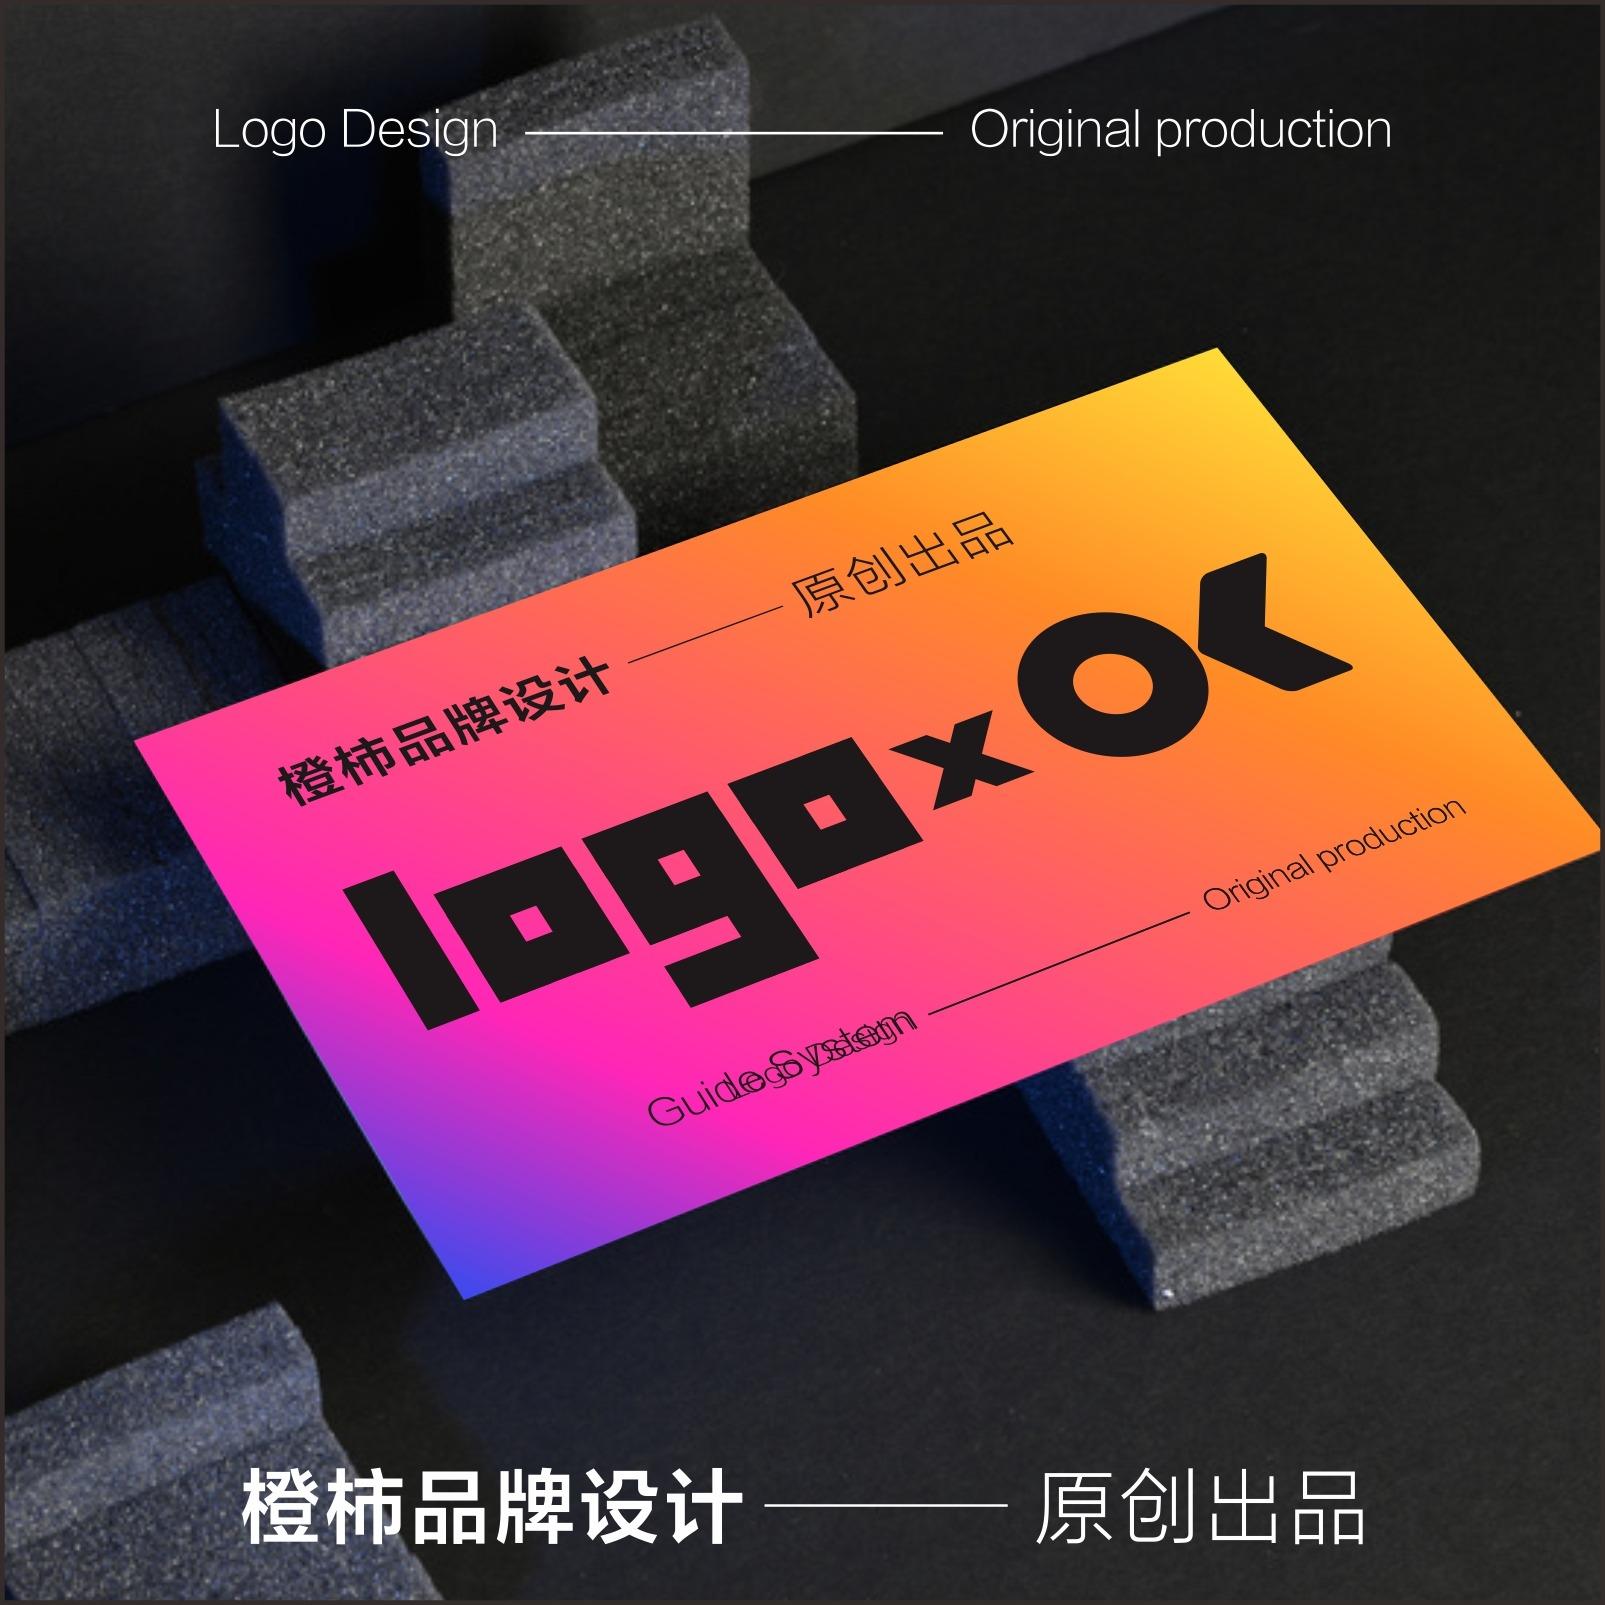 【原创设计/首席LOGO】教育//公司/企业/字体logo